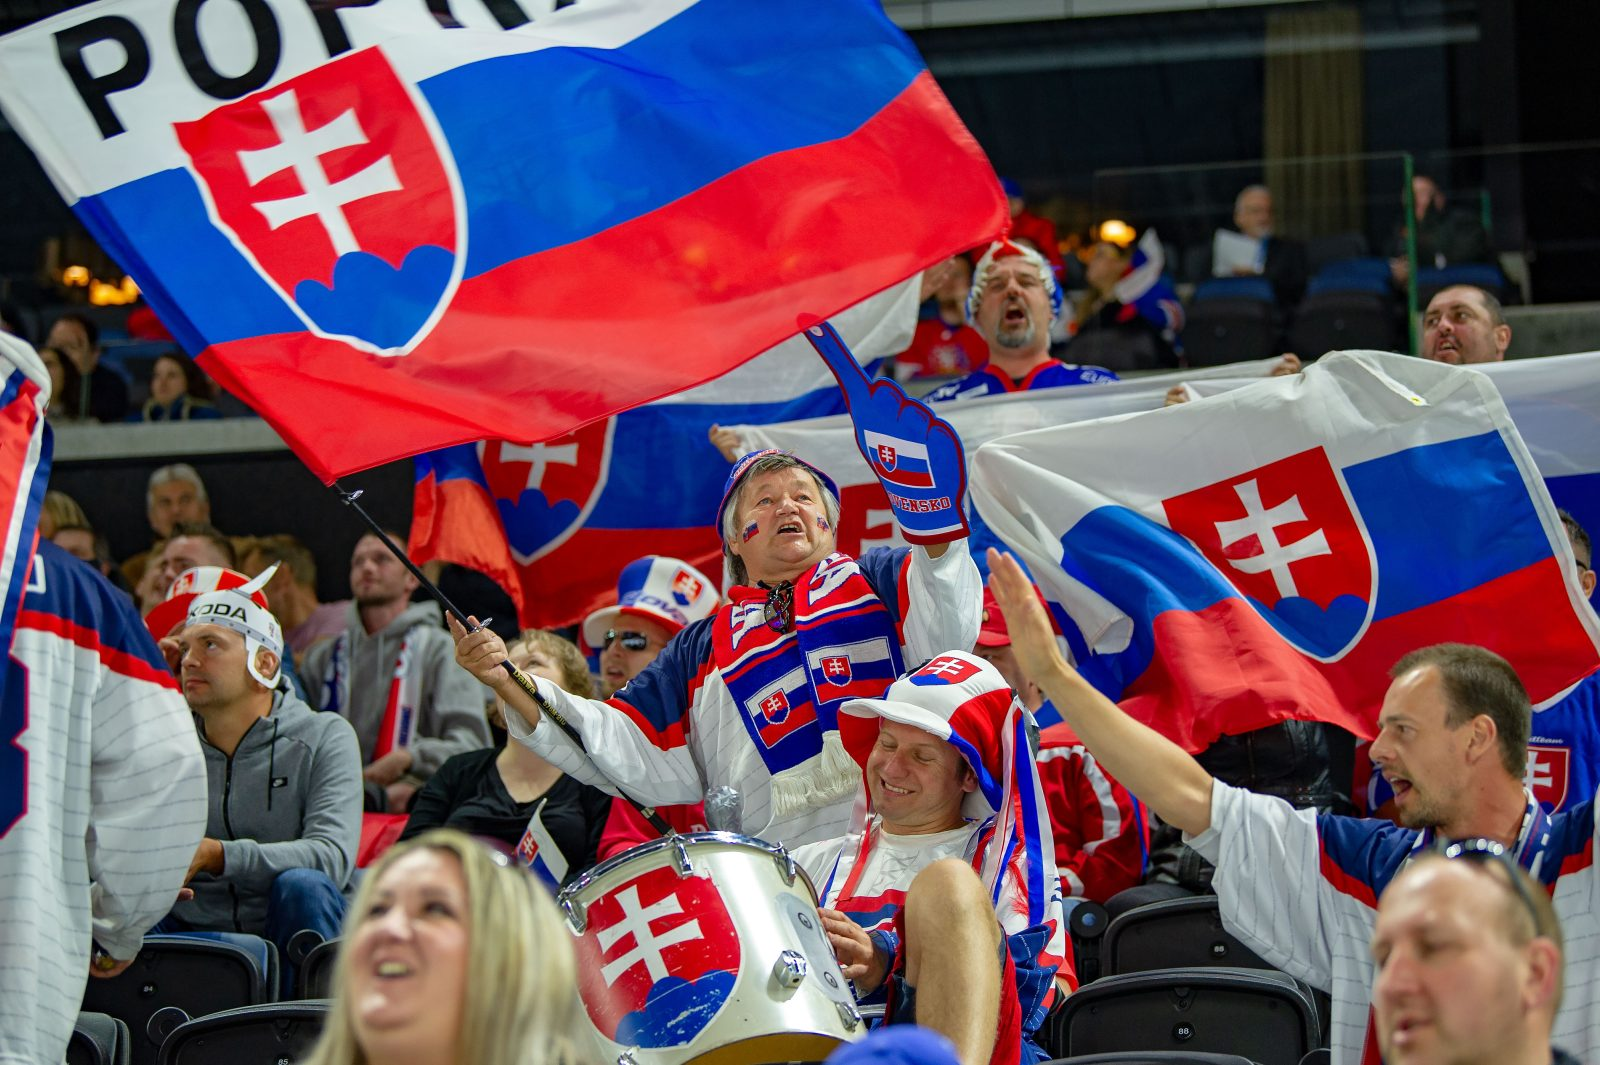 HOCKEY-VM: Detta visste du inte om Slovakien